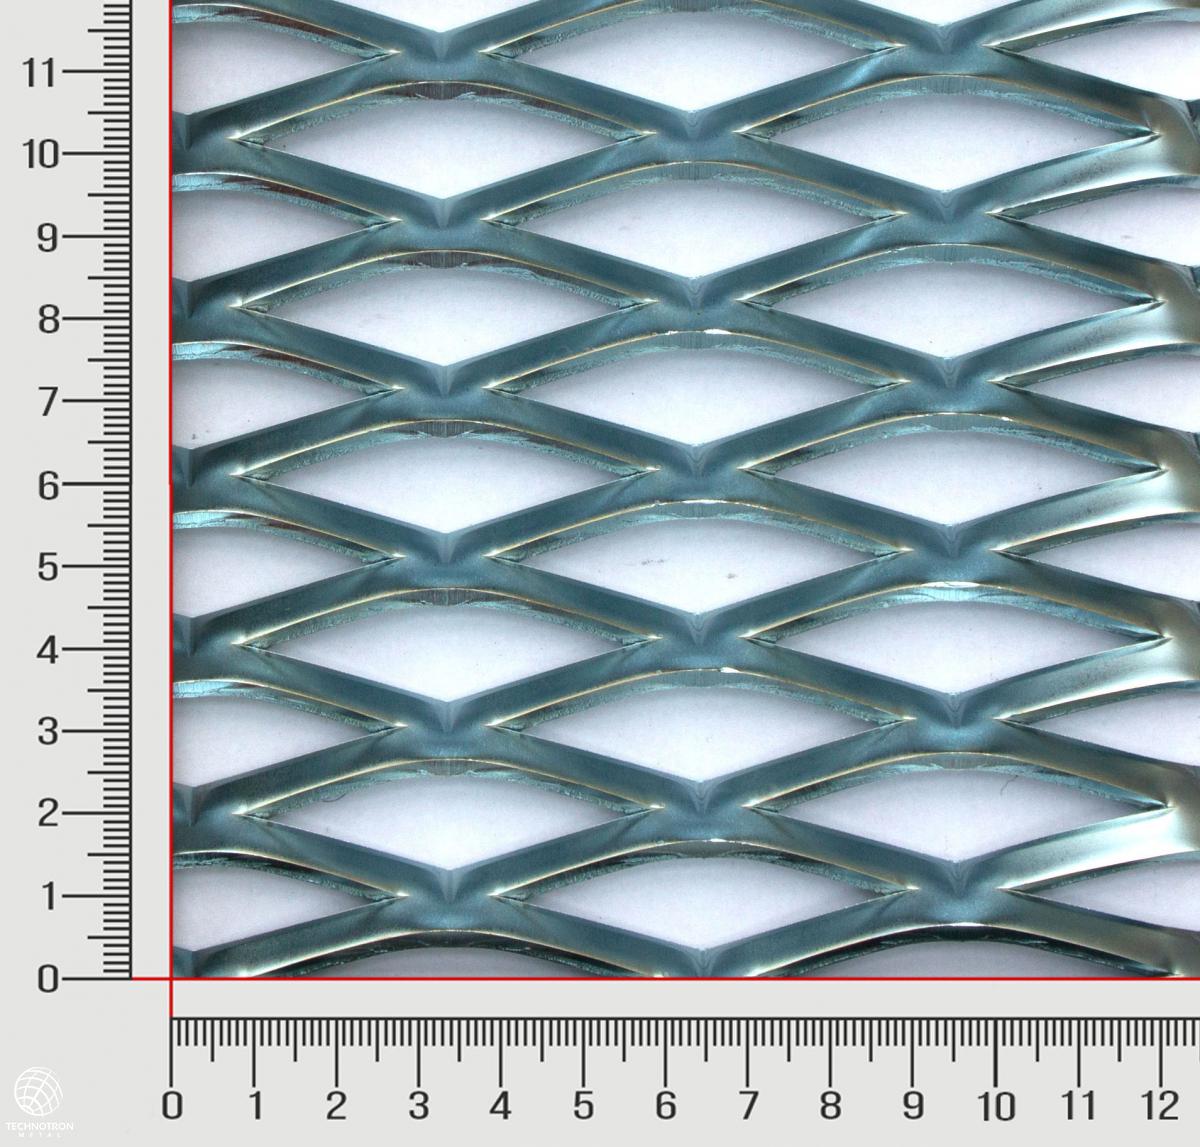 Tahokov TR 62,5 x 20 x 6 x 3 mm; tahokov z ocelového plechu DD11 - DD16